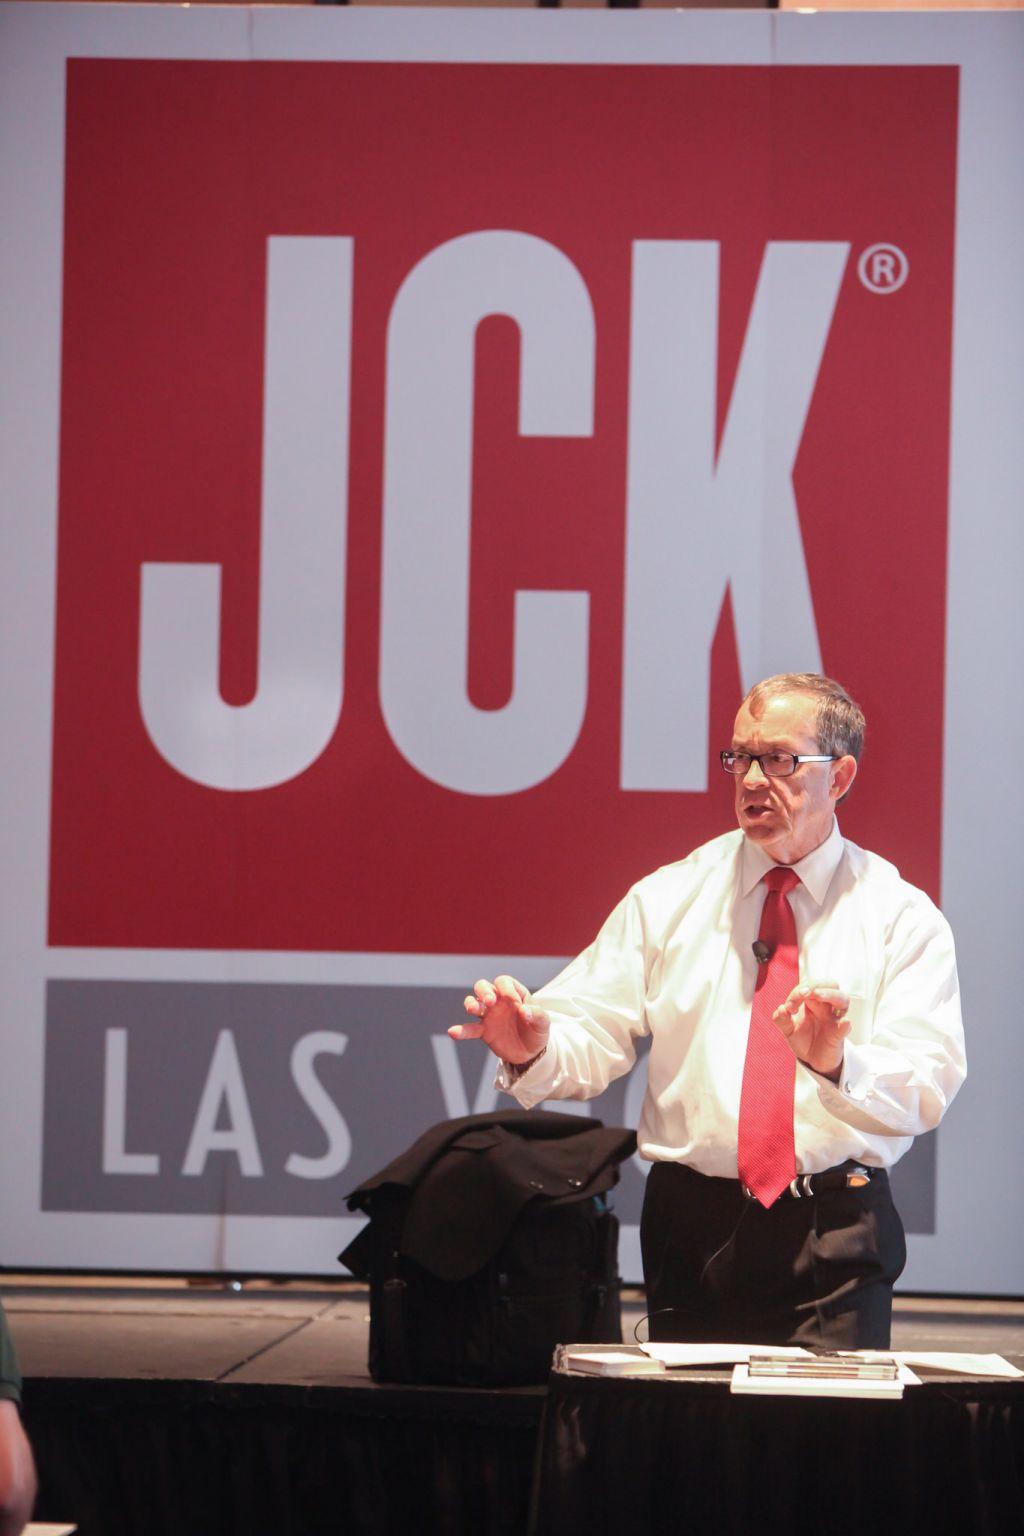 Jck 2015 Las Vegas